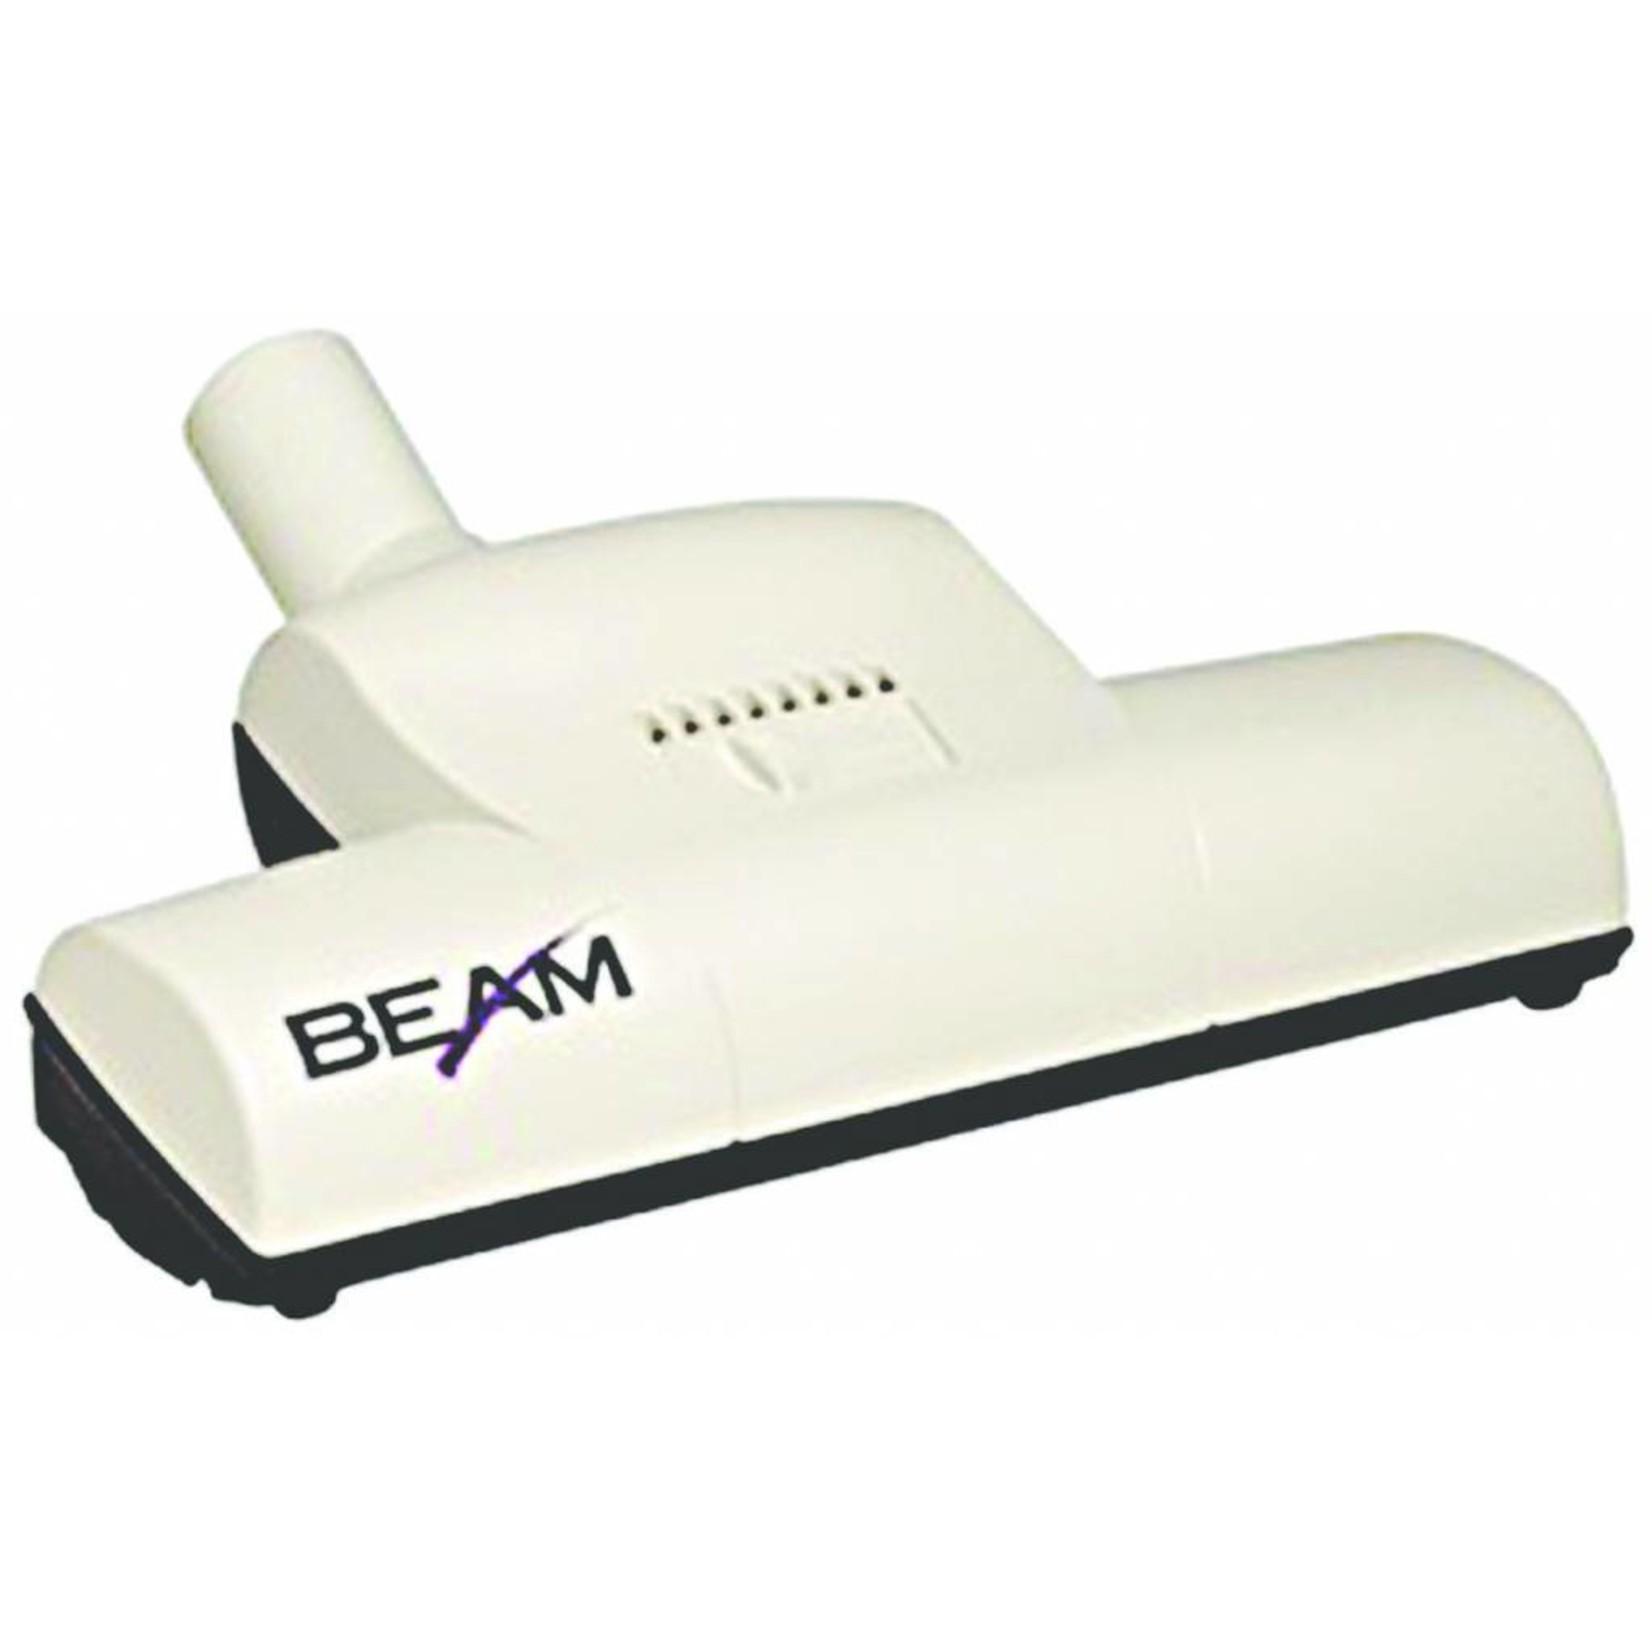 BEAM Beam Turbine Brush